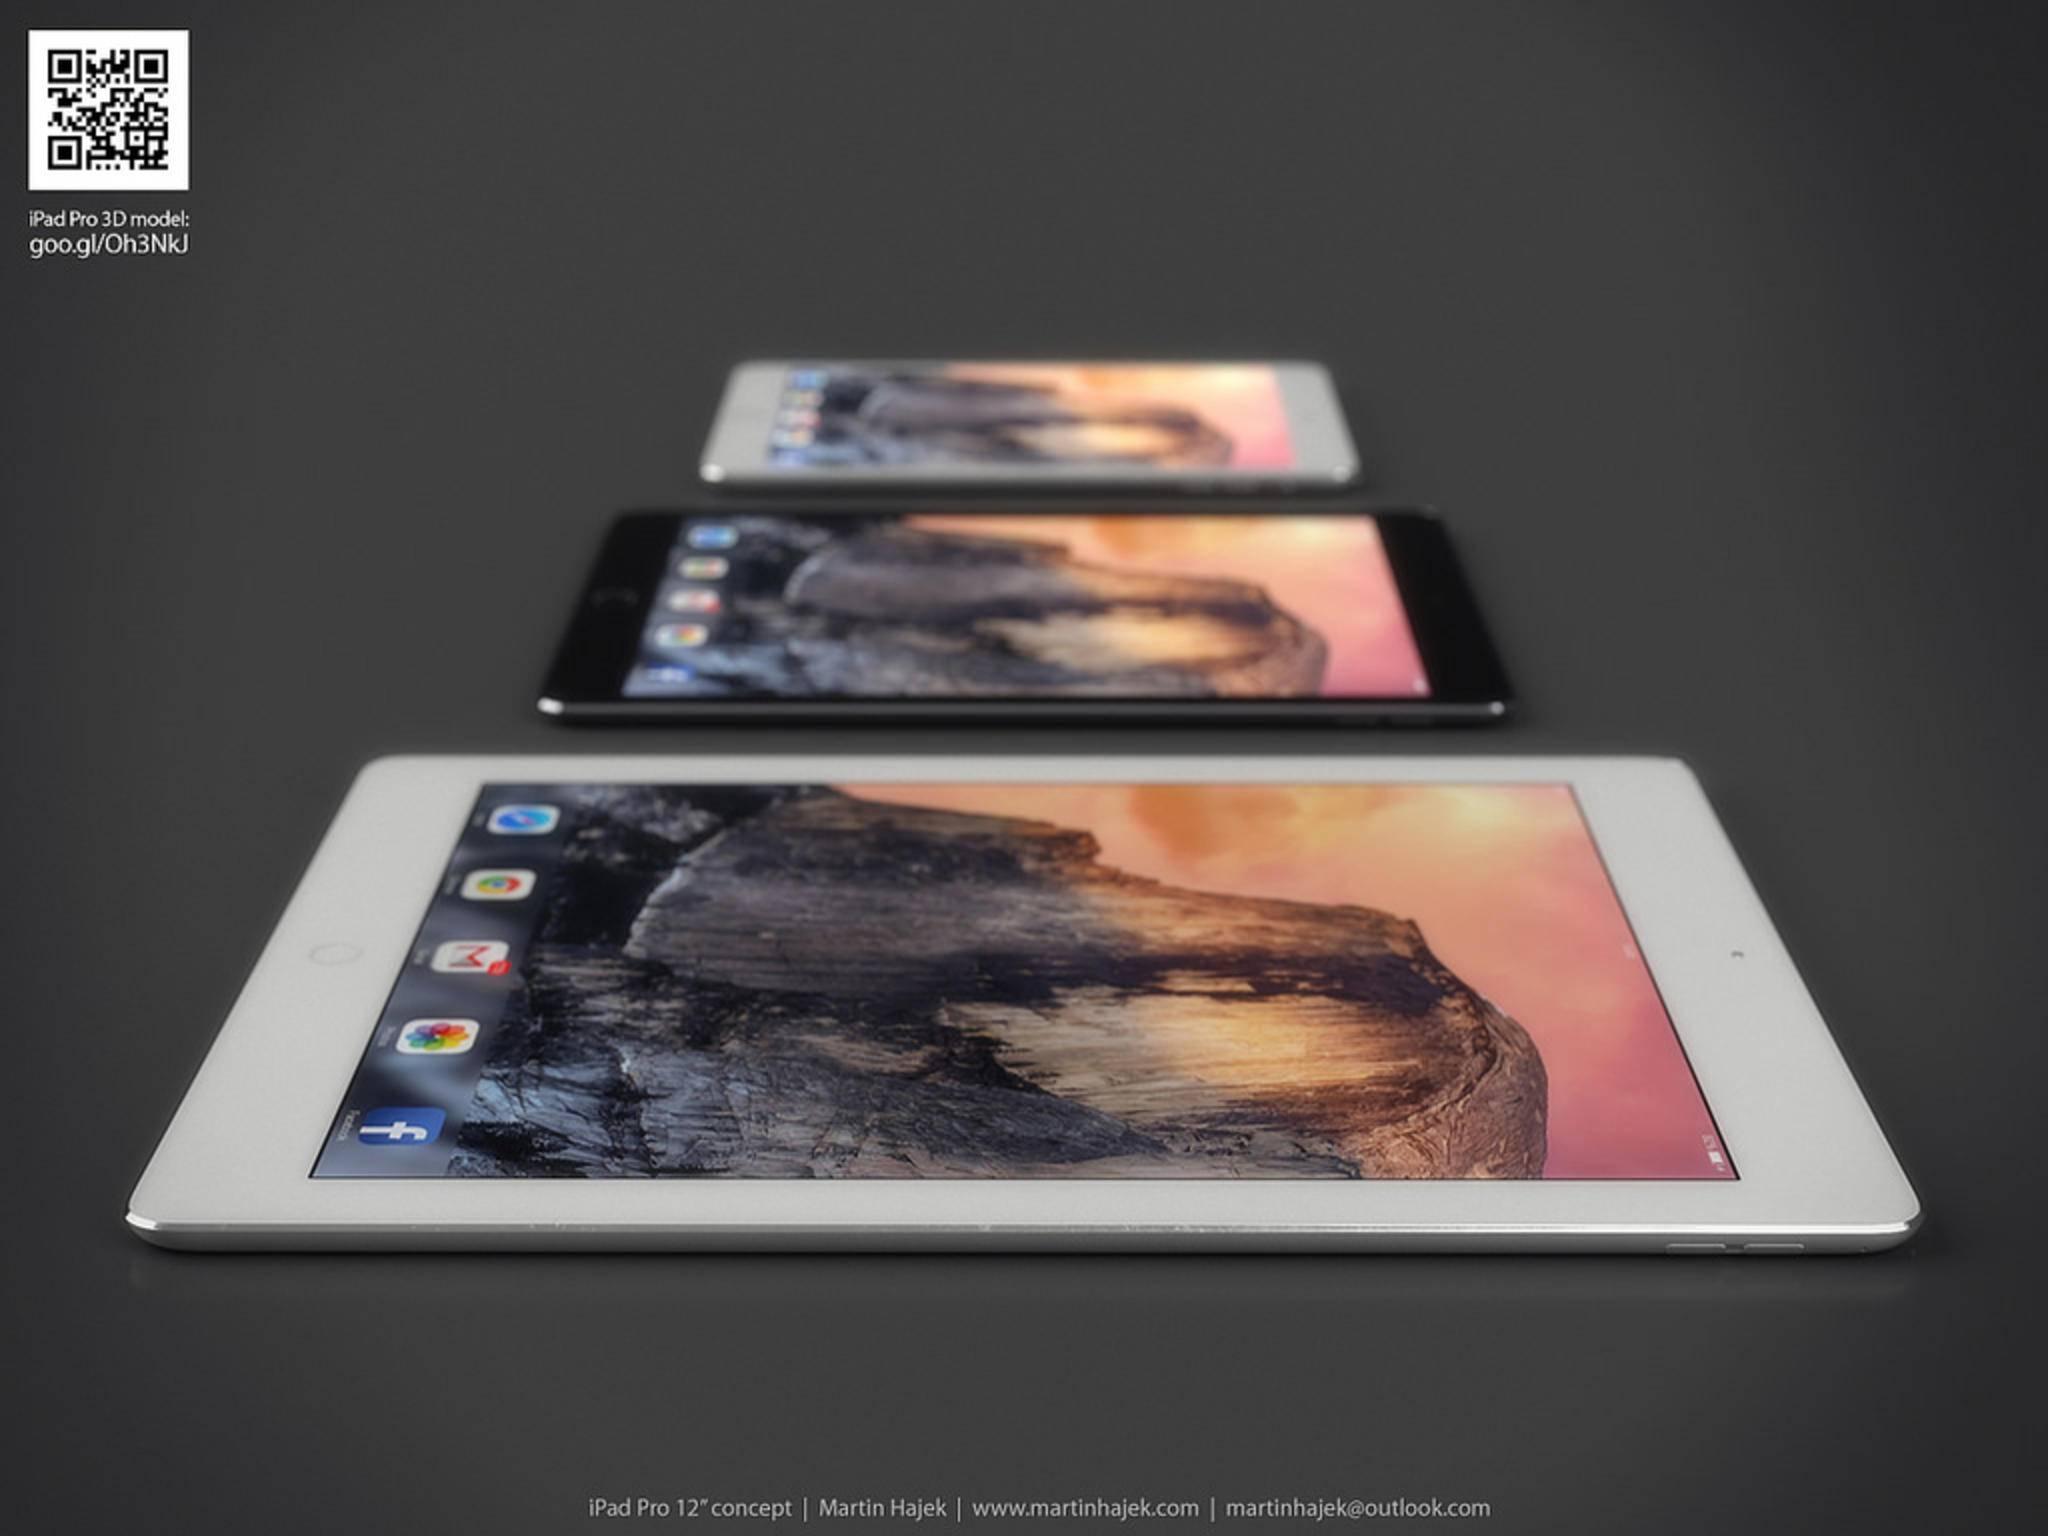 Das iPad Pro soll deutlich größer ausfallen als bisherige Apple-Tablets.